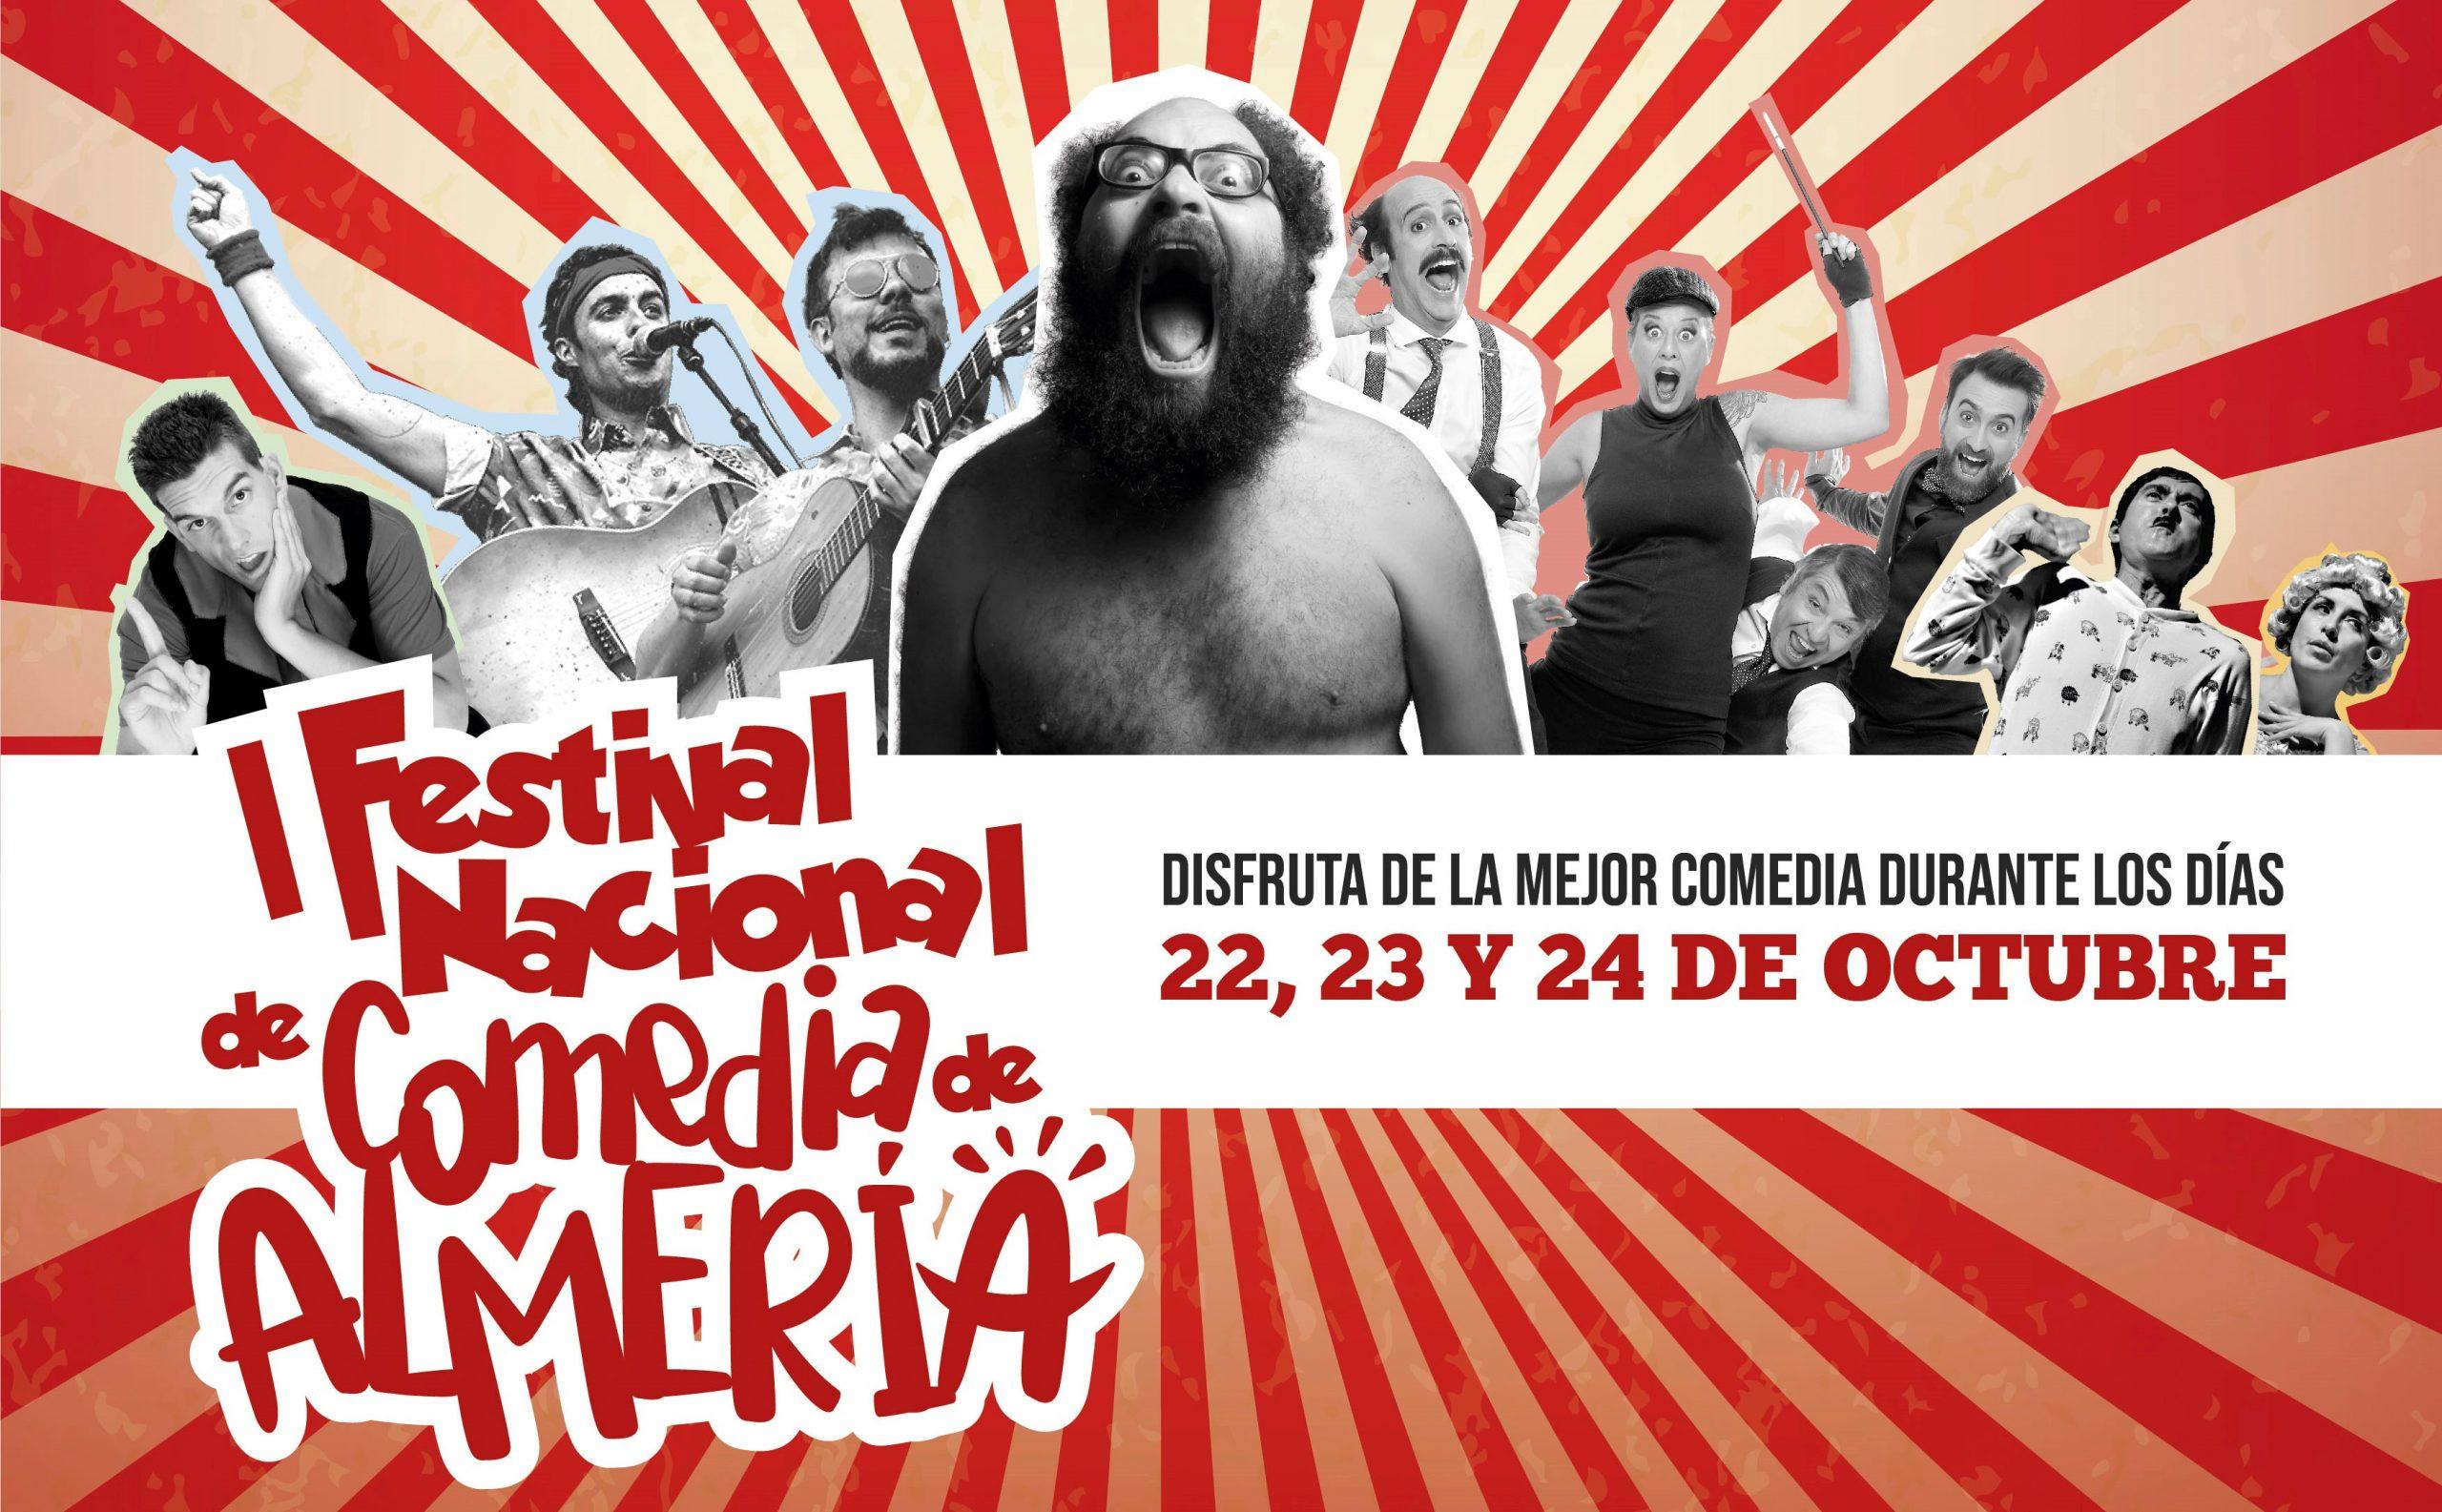 Ignatius, Antílopez, Gag Movie encabezan el cartel del I Festival Nacional de Comedia de Almería